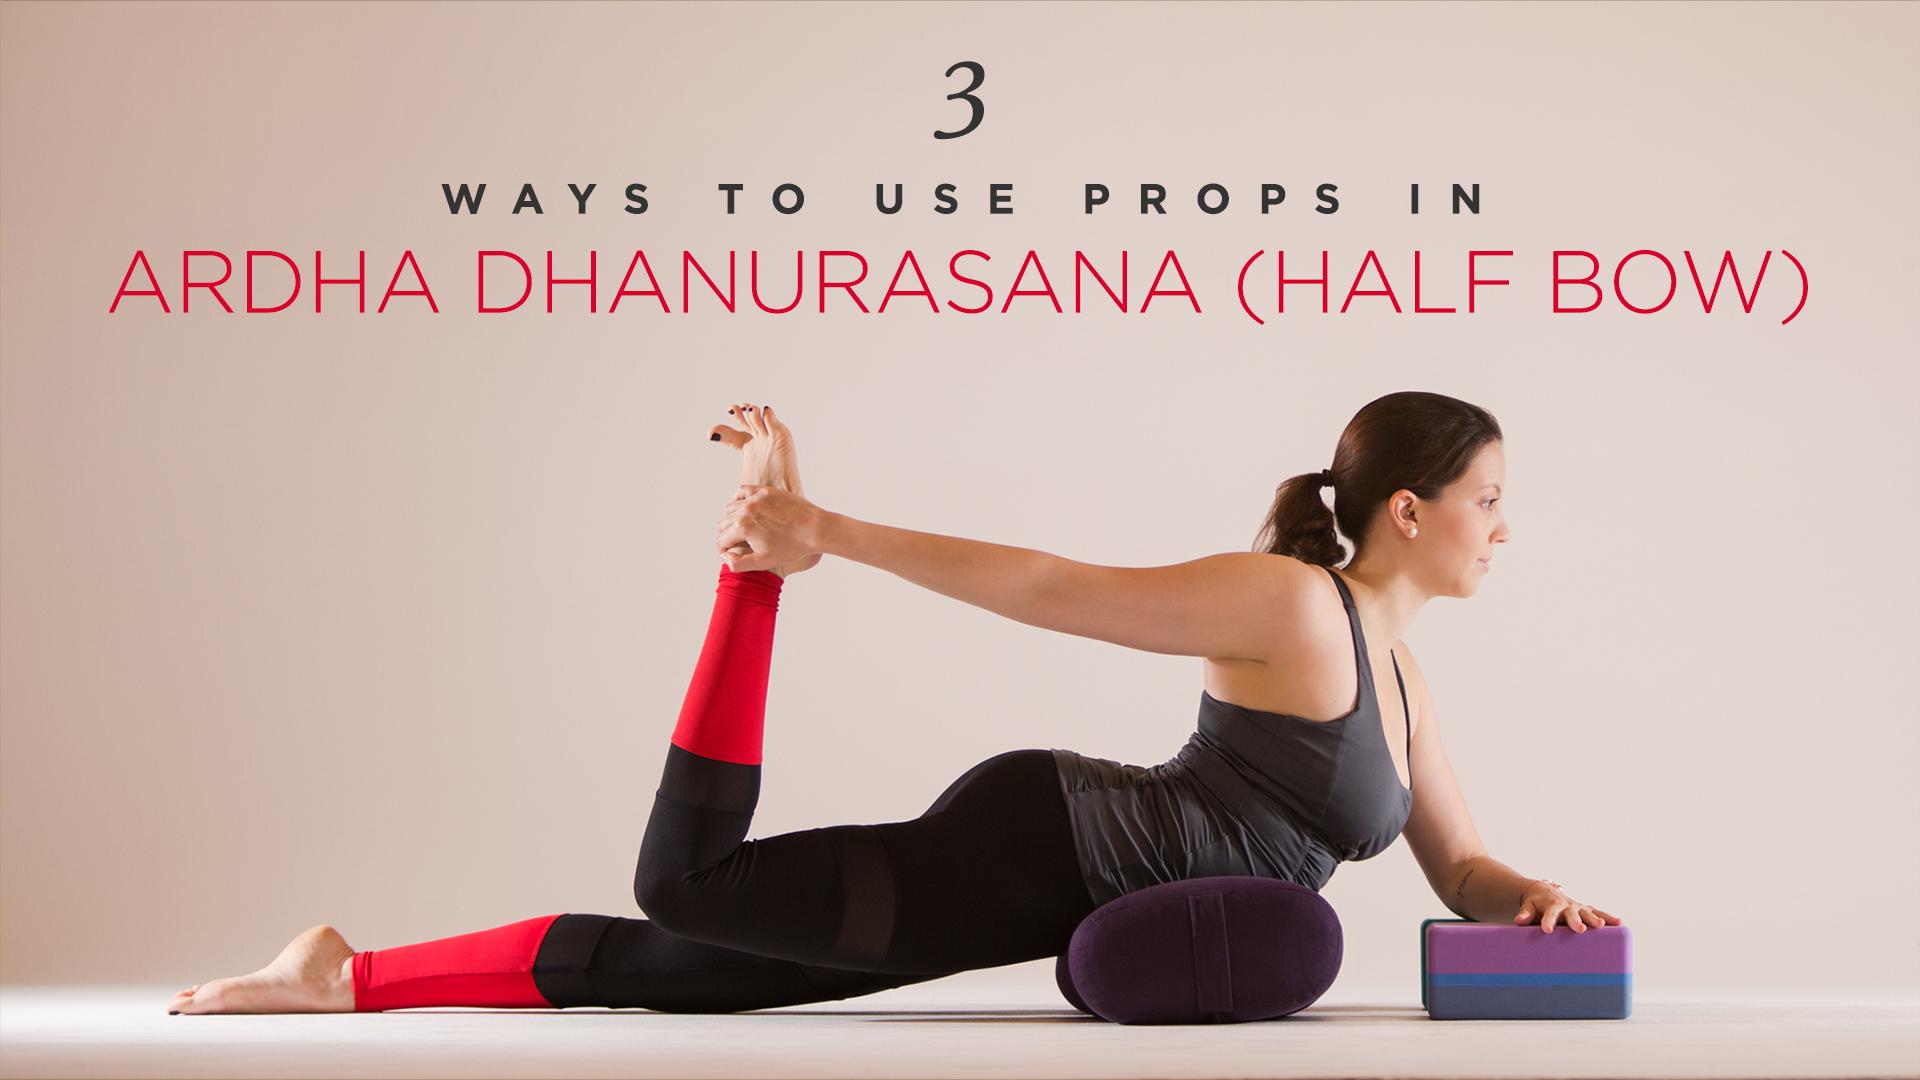 3 Ways To Use Props In Ardha Dhanurasana Half Bow